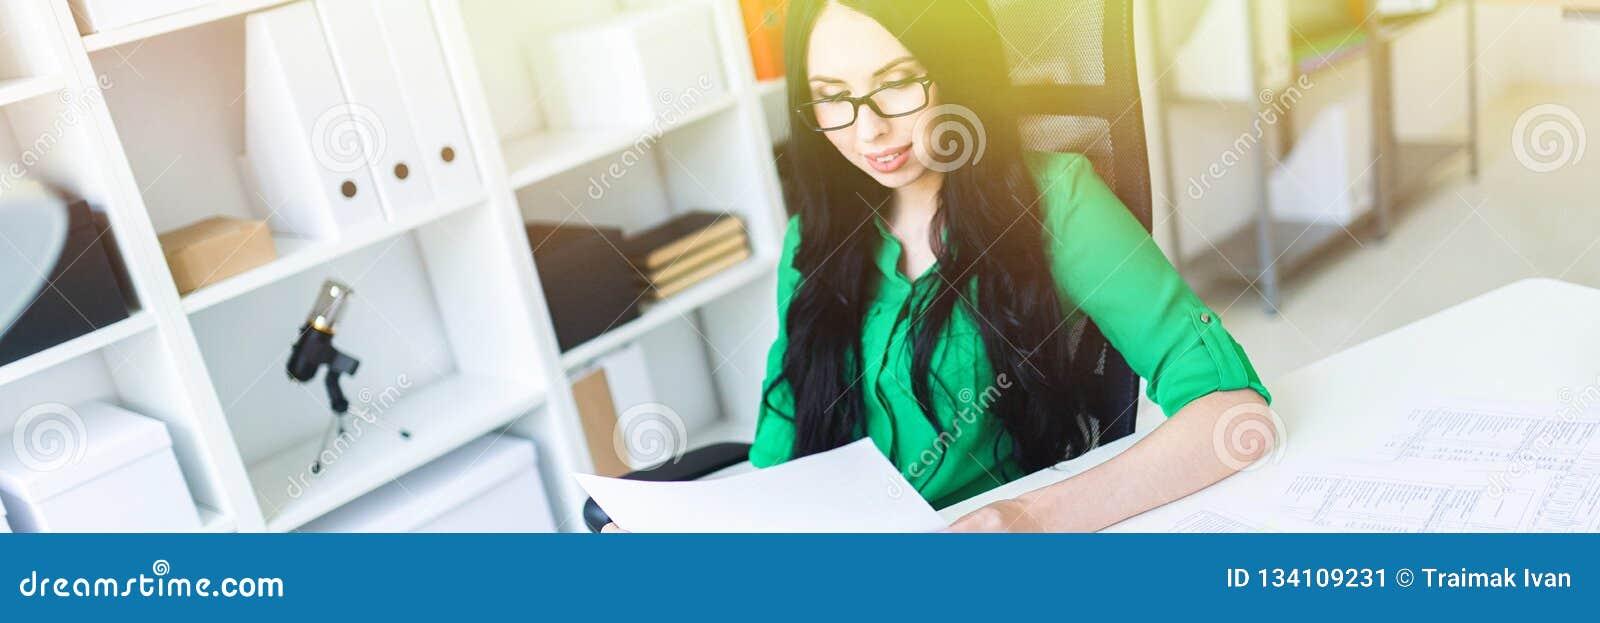 Маленькая девочка в стеклах работает в офисе с взглядами компьютера и калькулятора через документы